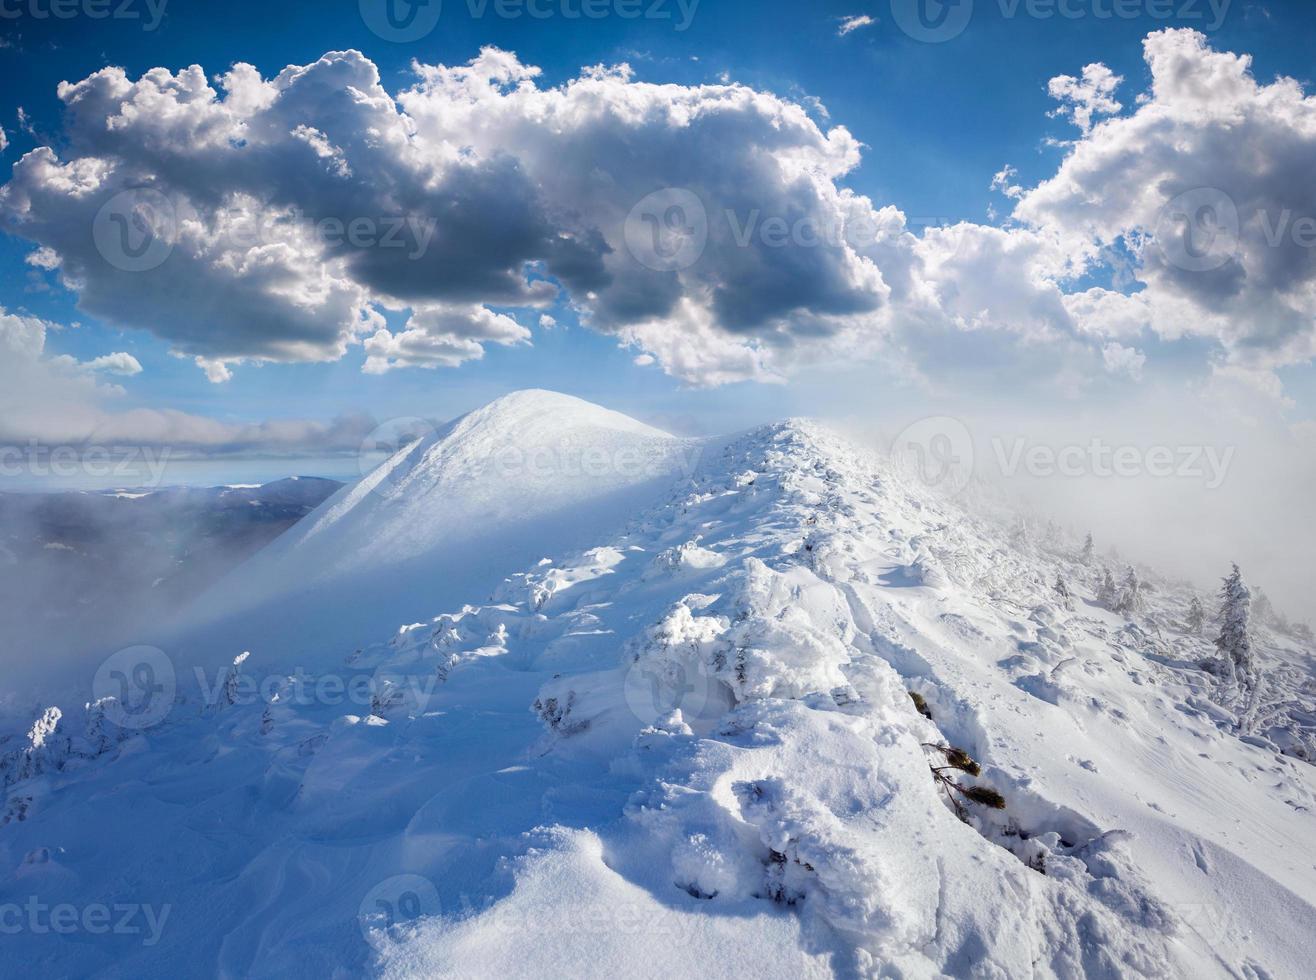 hermoso paisaje de invierno en las montañas neblinosas foto